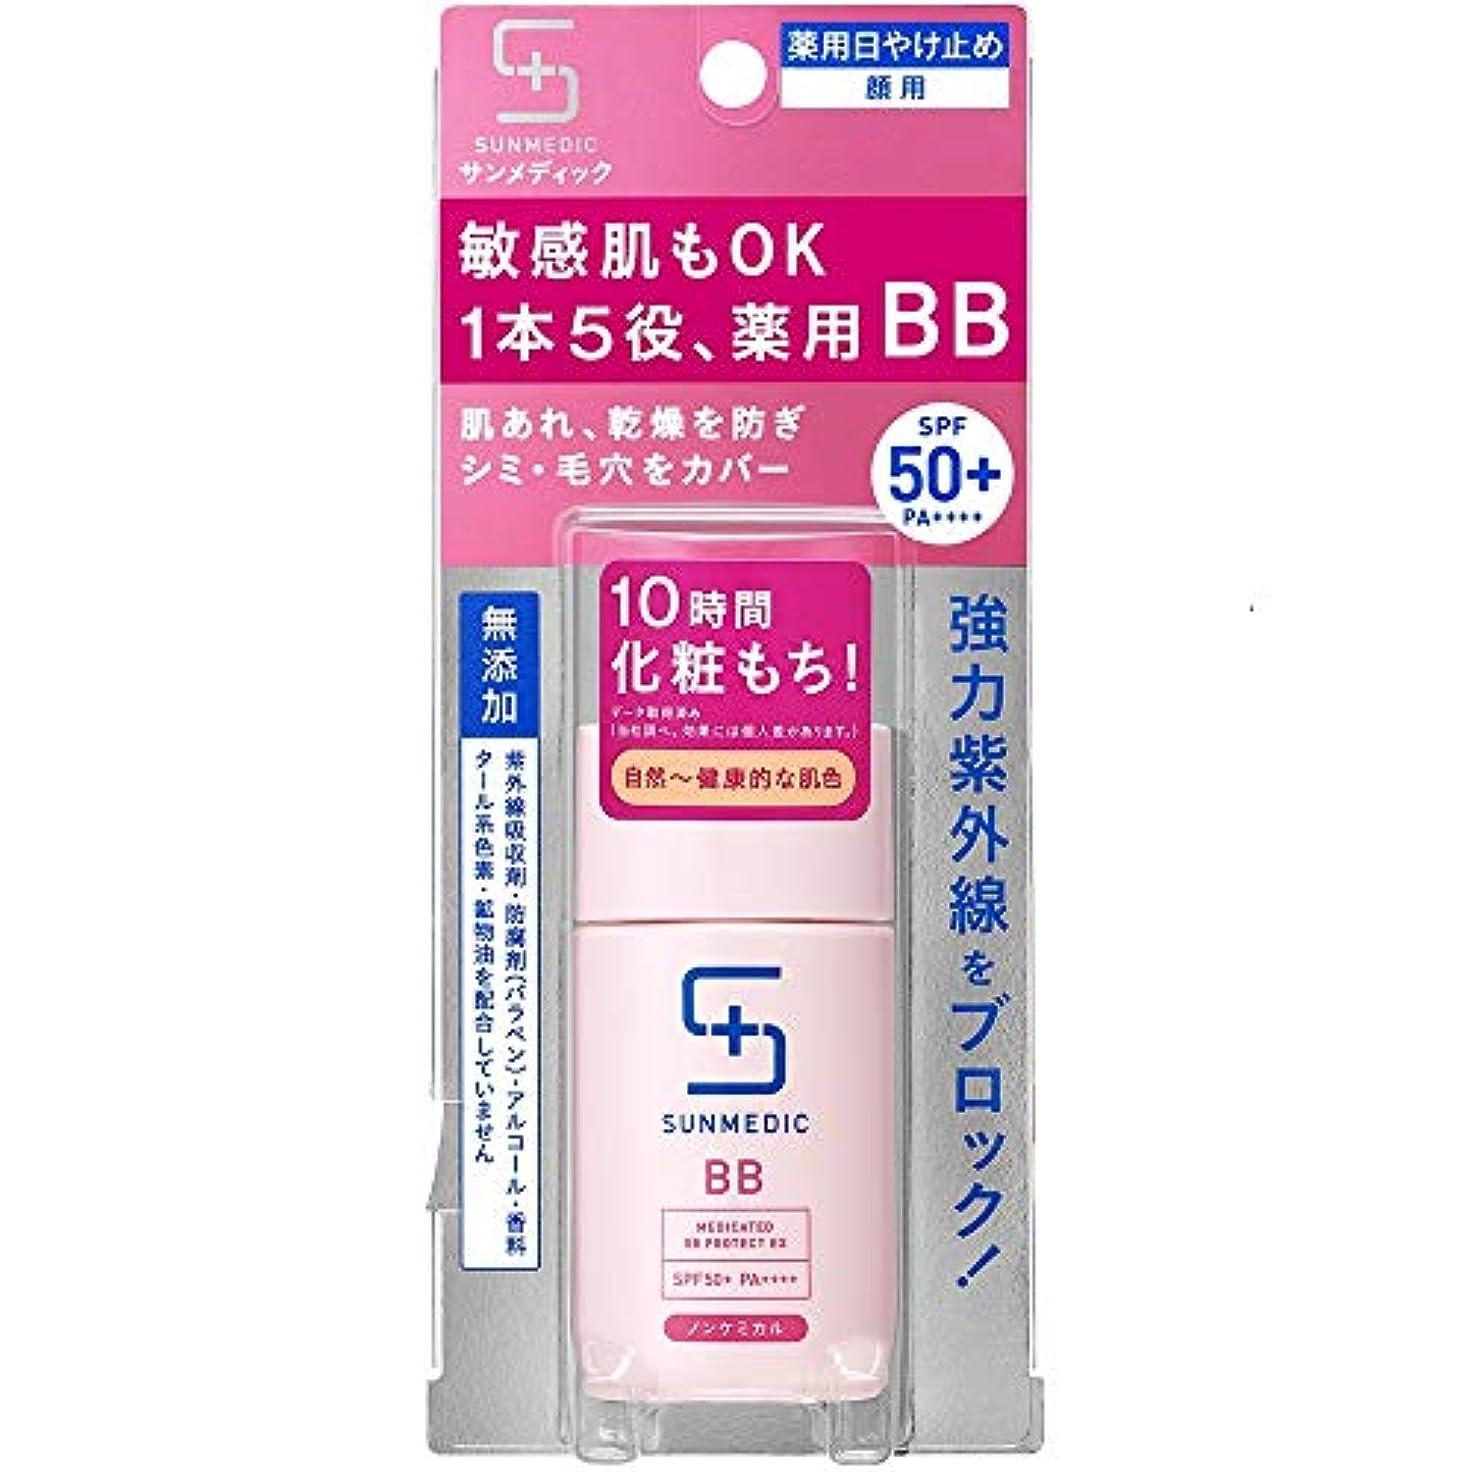 最愛の食堂愛国的なサンメディックUV 薬用BBプロテクトEX ナチュラル 30ml (医薬部外品)